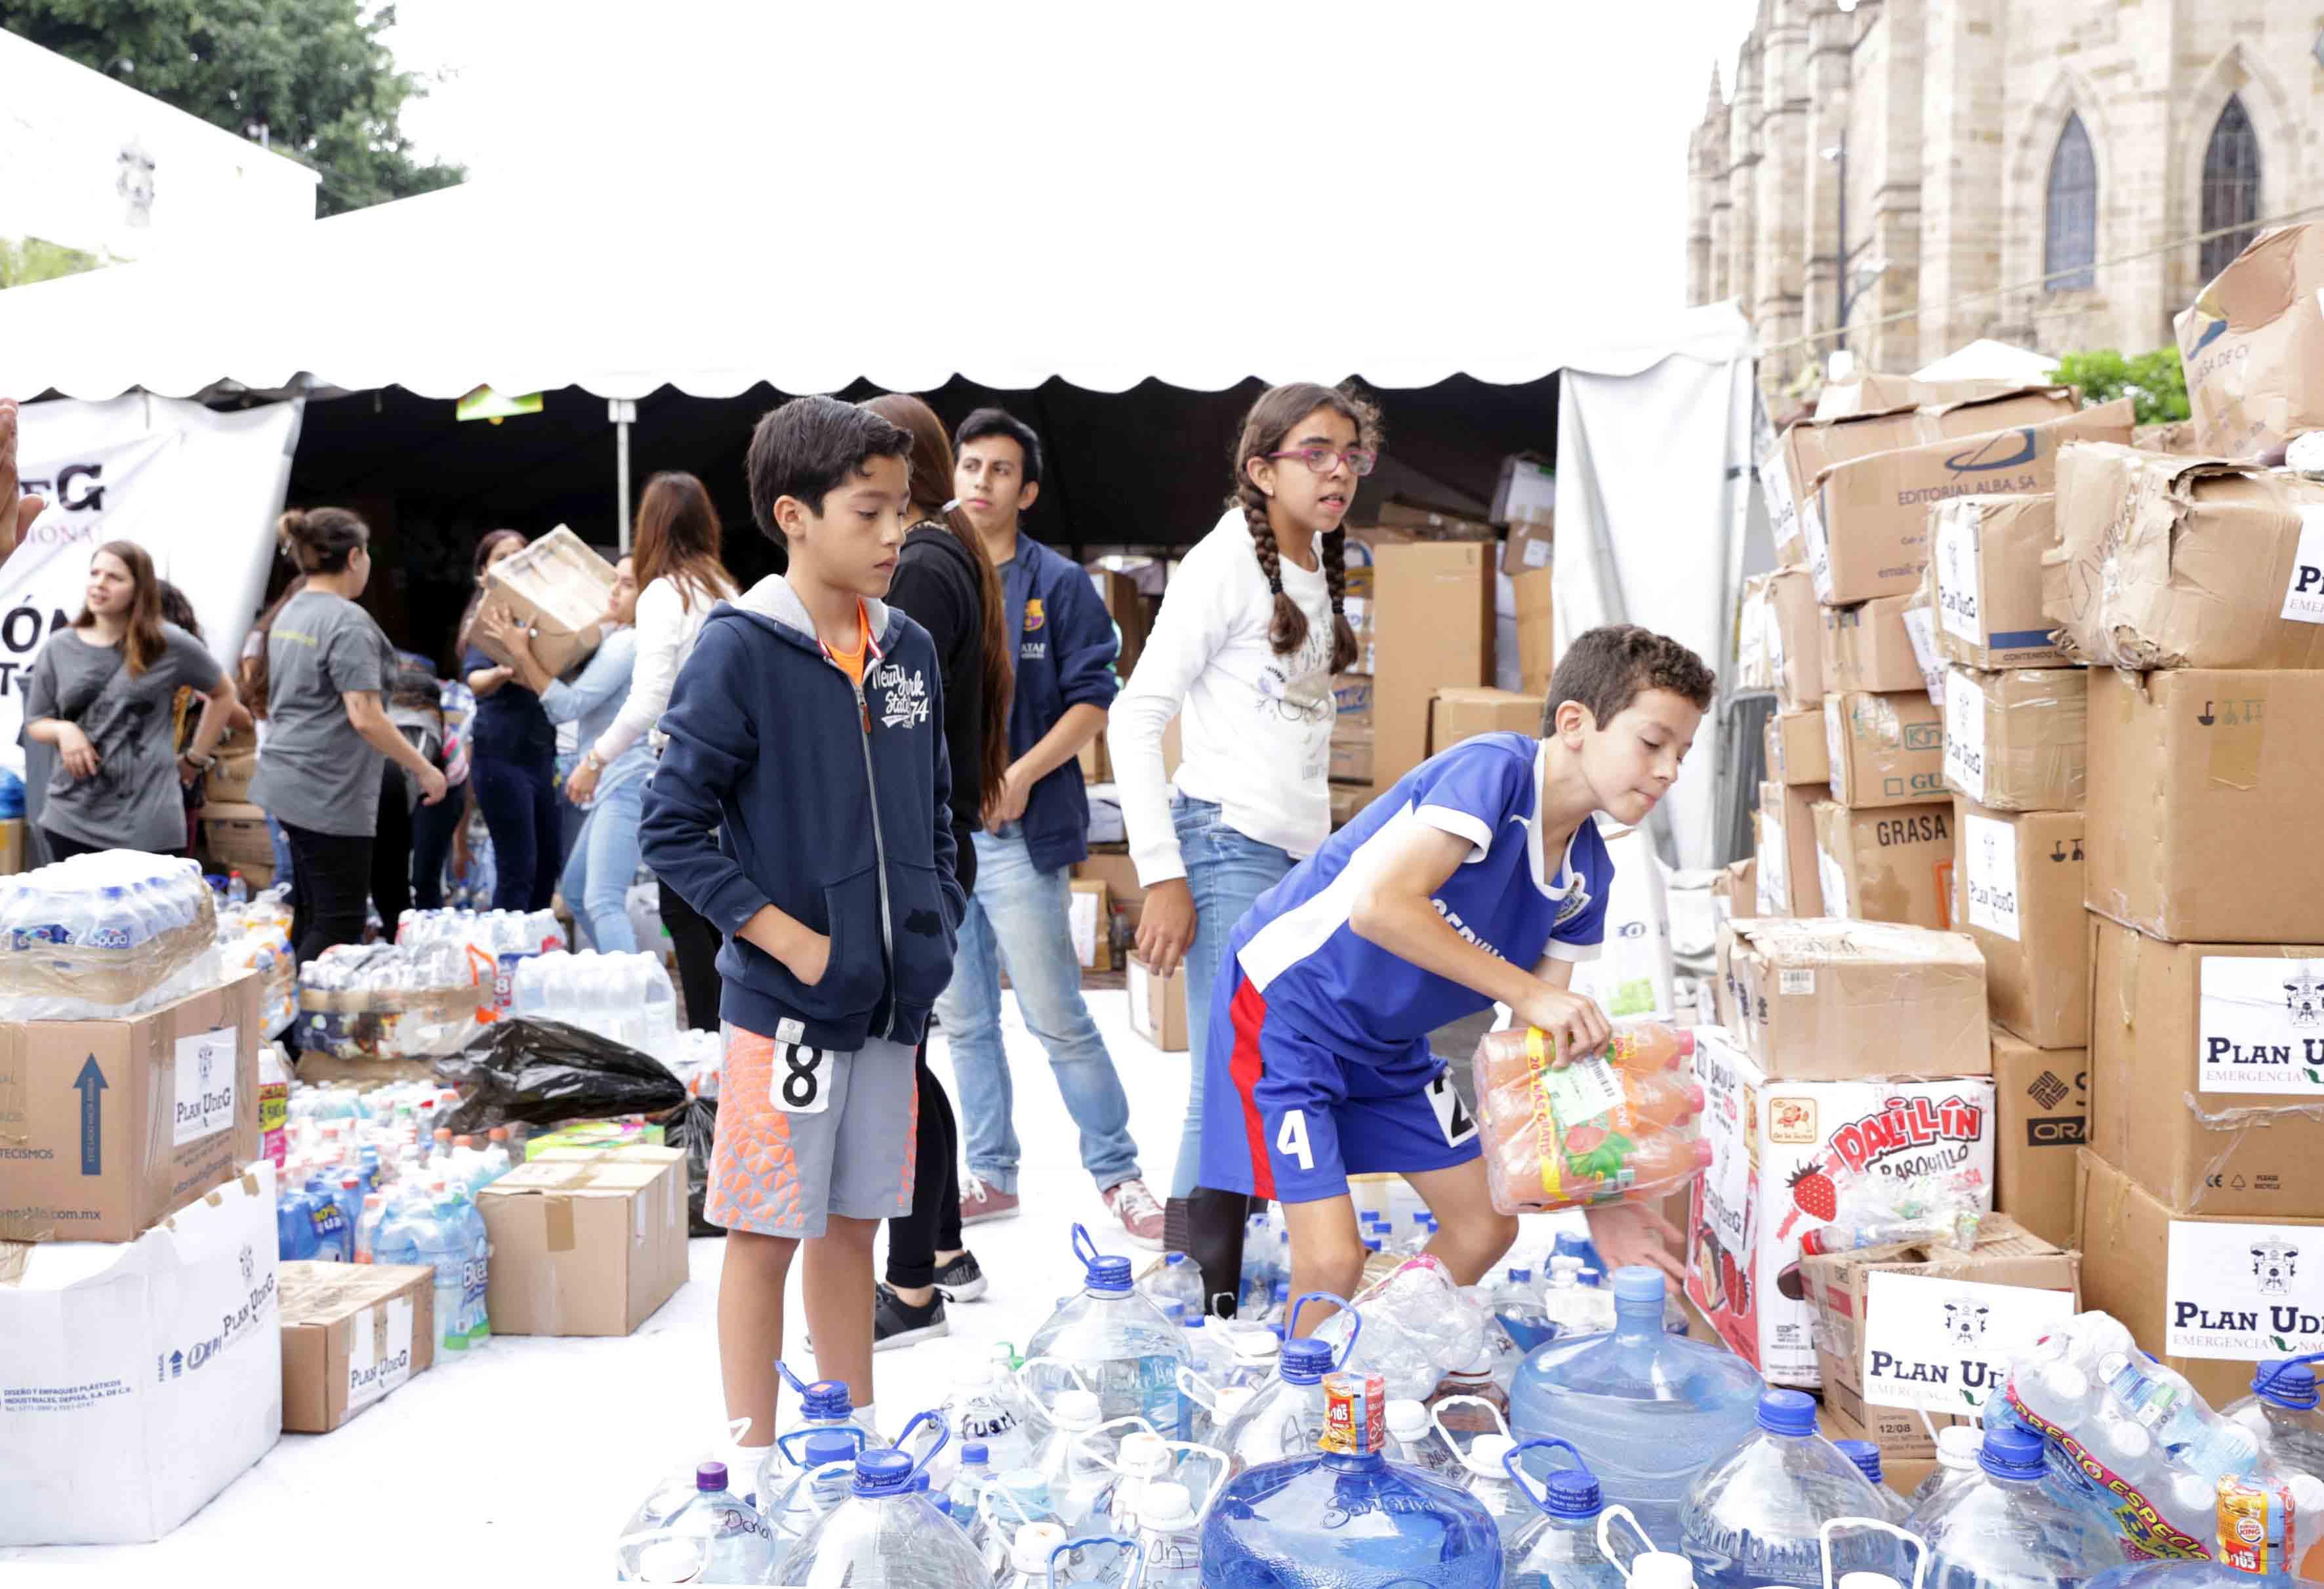 NIños participando en la clasificación de productos durante brigadas de recolección de víveres en el Rambla Cataluña.